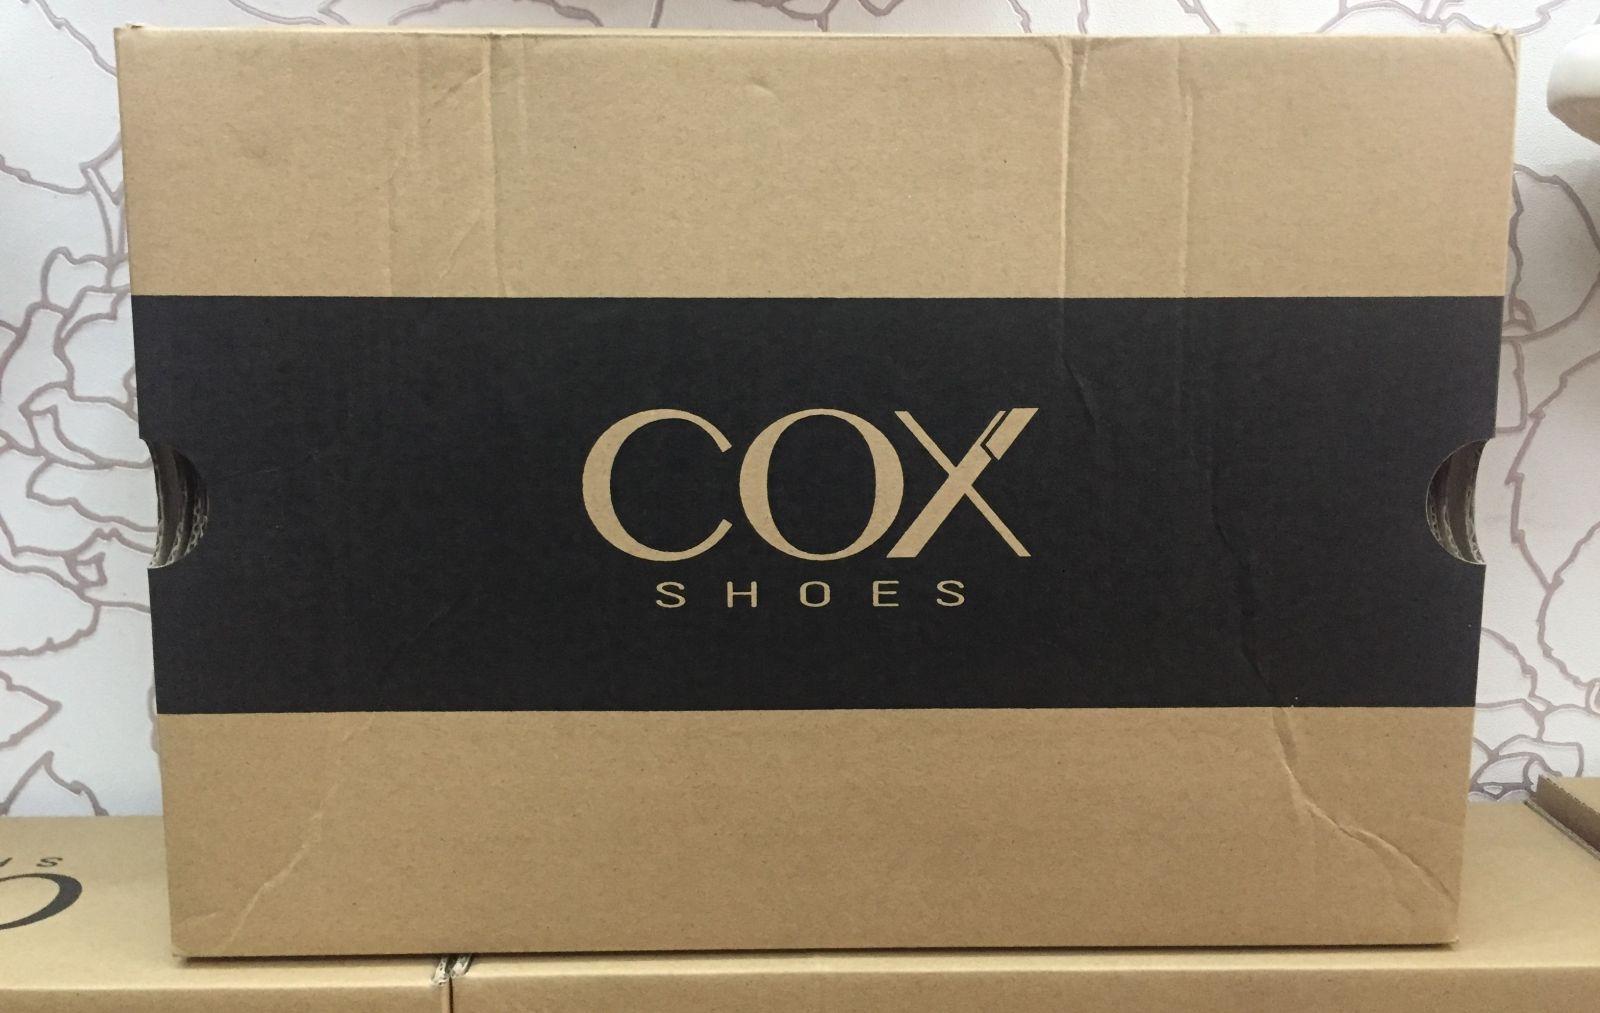 In hộp giấy đựng giày dép đơn giản mà sang trọng